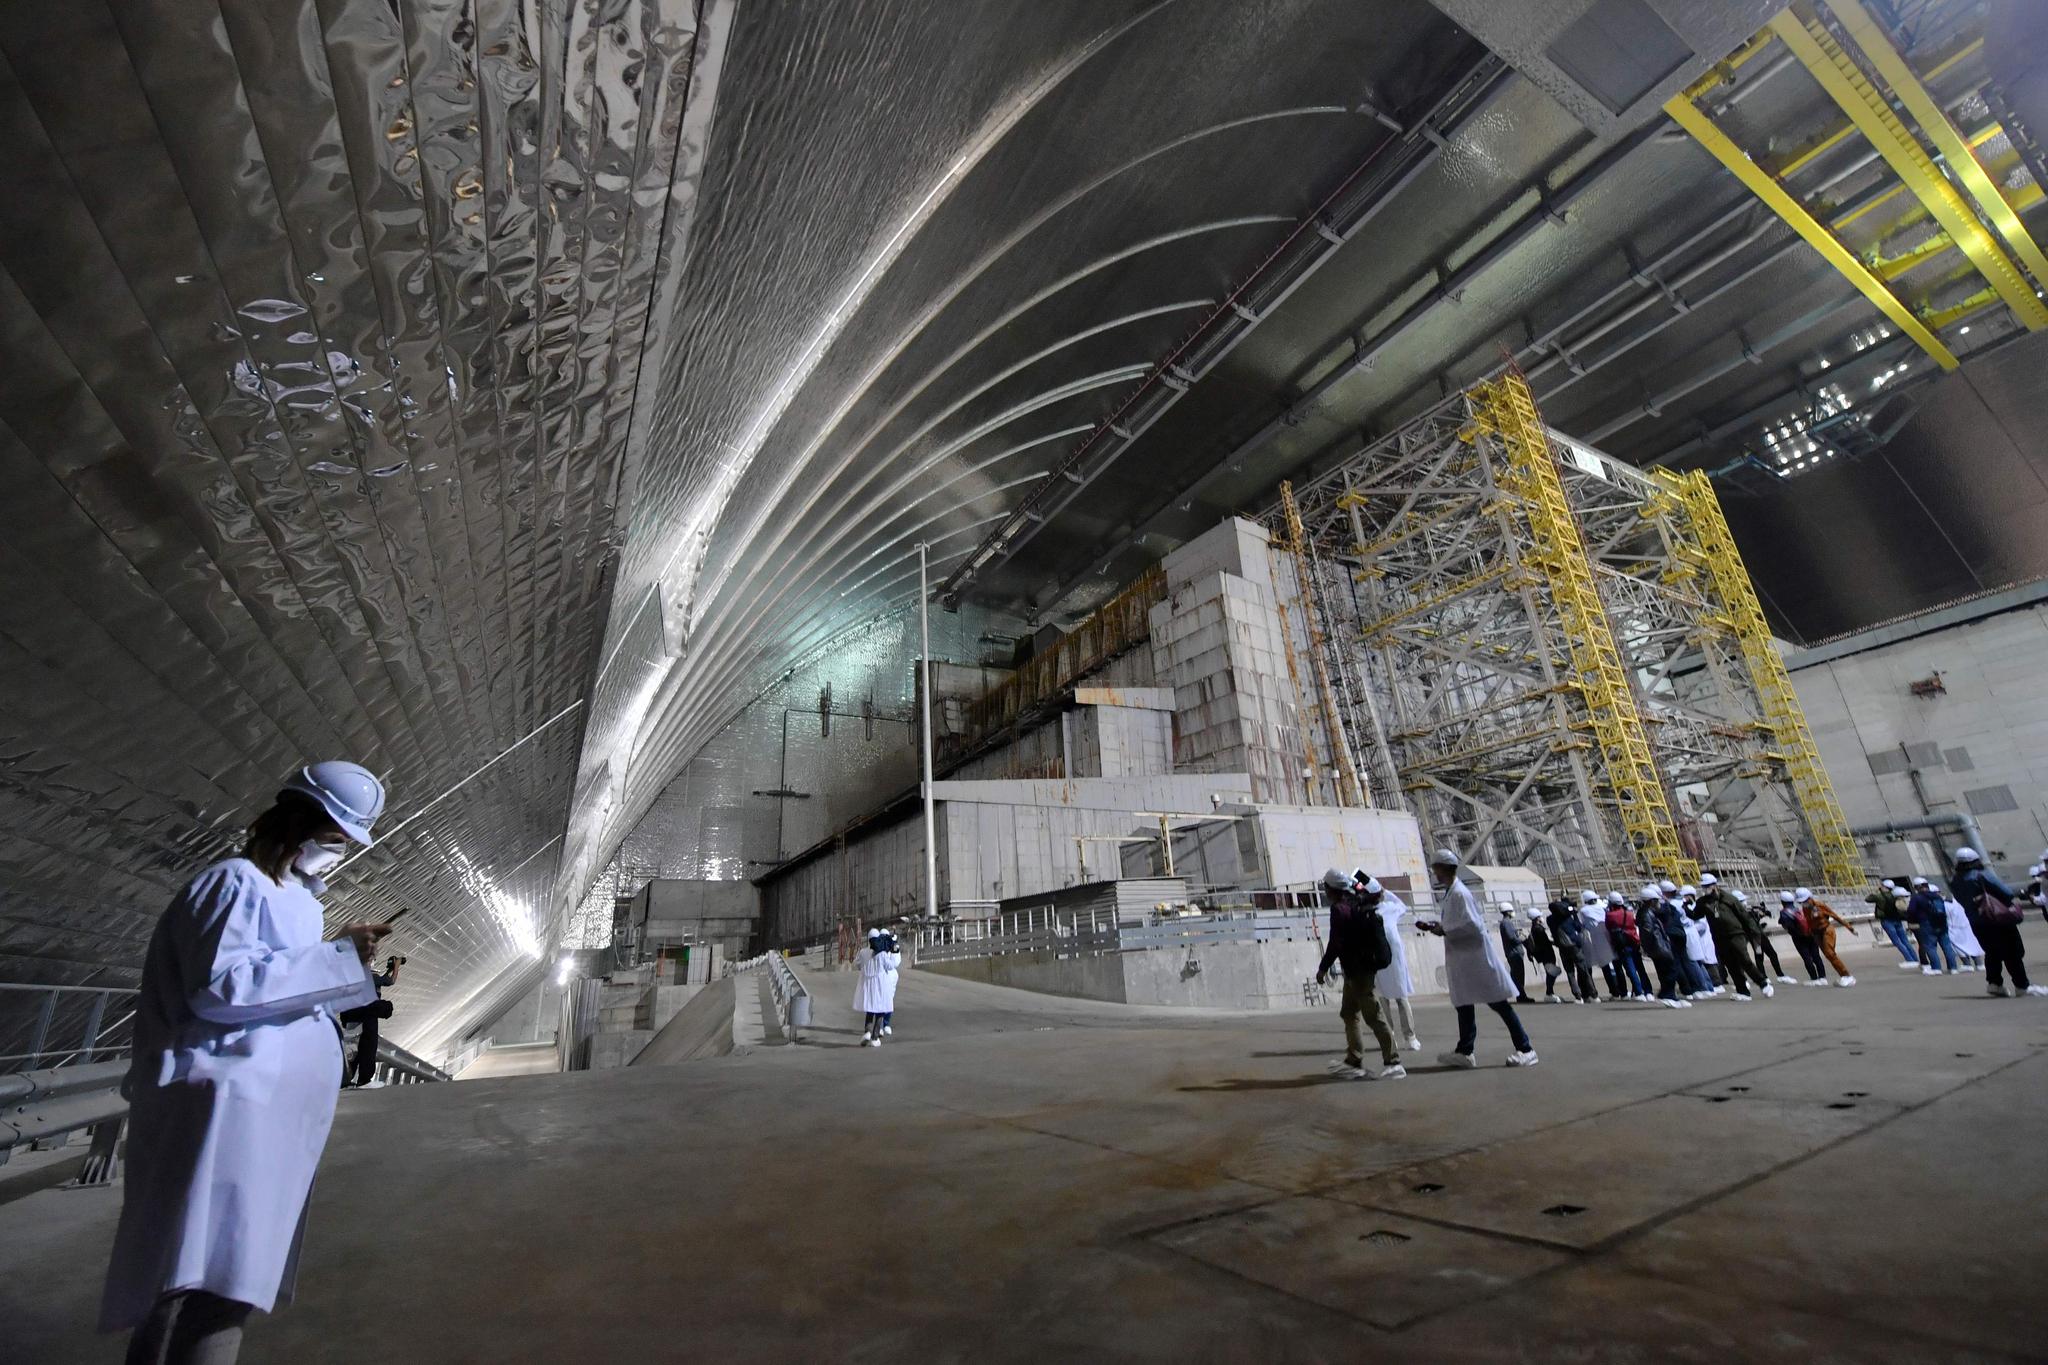 지난 1986년 폭발 사고가 났던 체르노빌 원전 4호기를 덮었던 콘크리트 위에 새롭게 설치된 철제 아치형 방호 덮개 내부. 우크라이나는 10일(현지시간) 본격 방호 덮개 운영에 들어갔다. [AFP=연합뉴스]